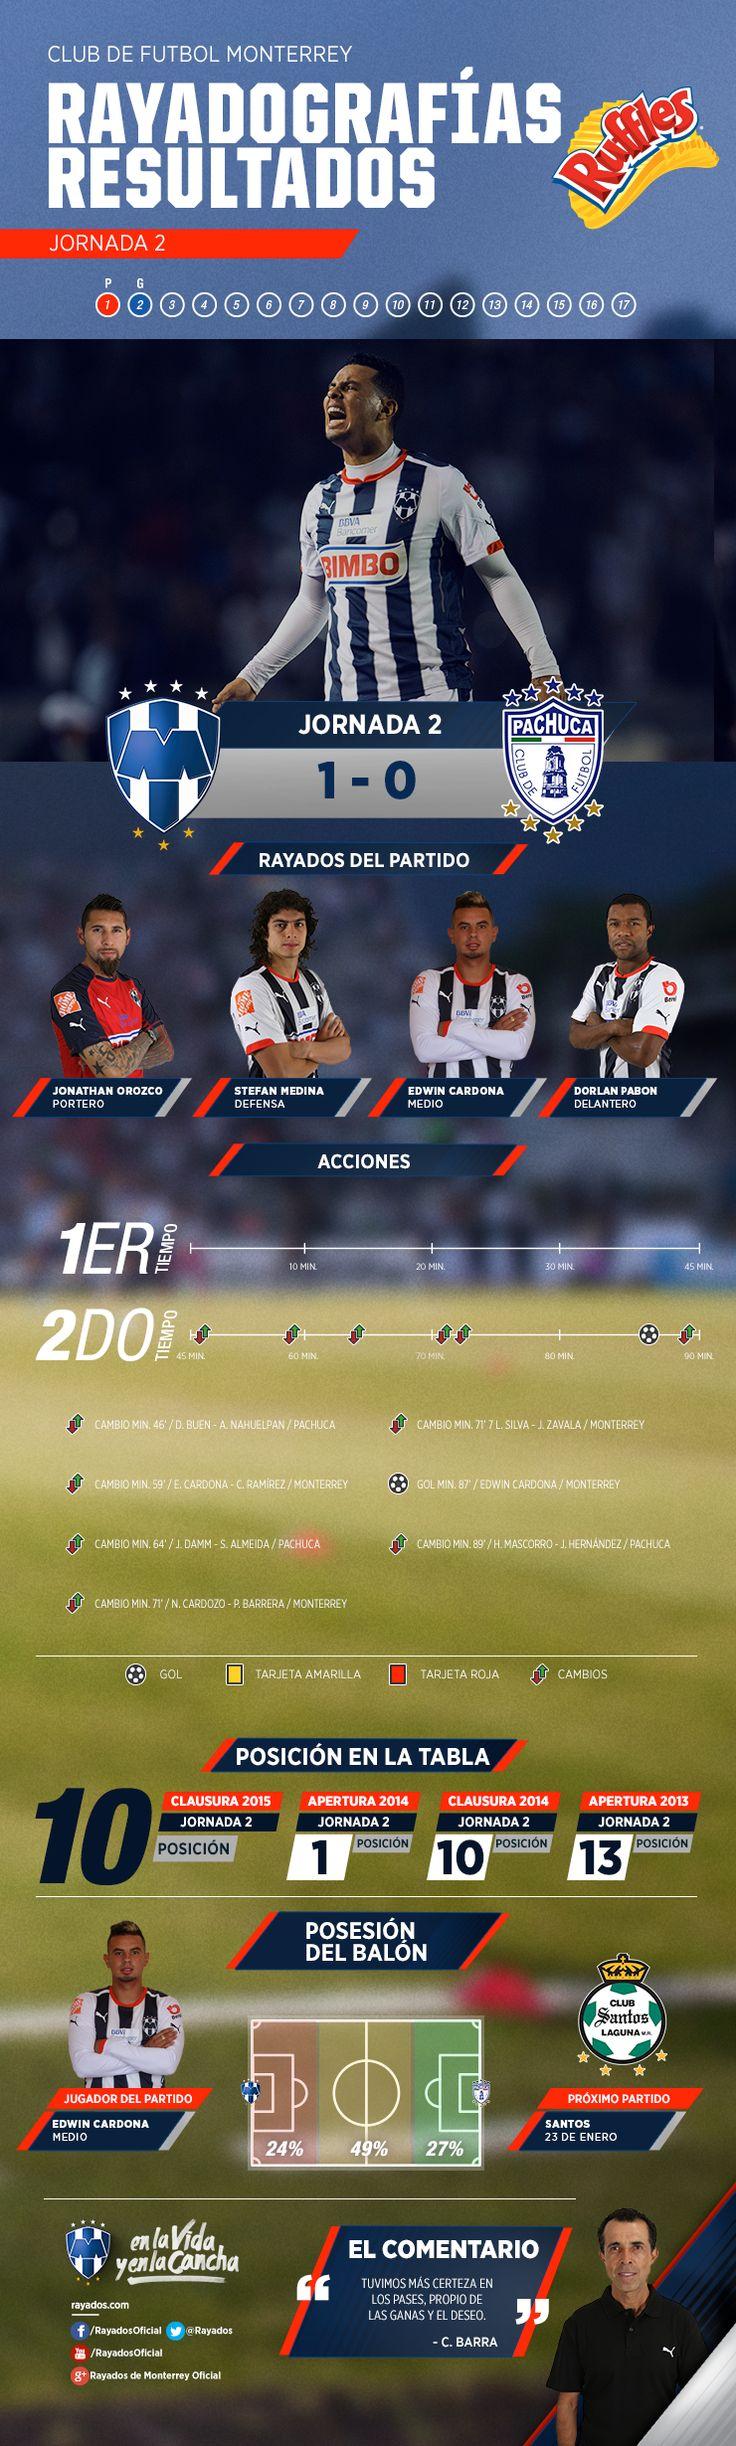 La #Rayadografía post partido #Rayados vs. Pachuca es presentada por Ruffles MX.  Para ver la imagen de un mayor tamaño y detalles, da clic aquí: http://www.rayados.com/noticias/7814/rayadografa_-_rayados_vs._pachuca_postpartido